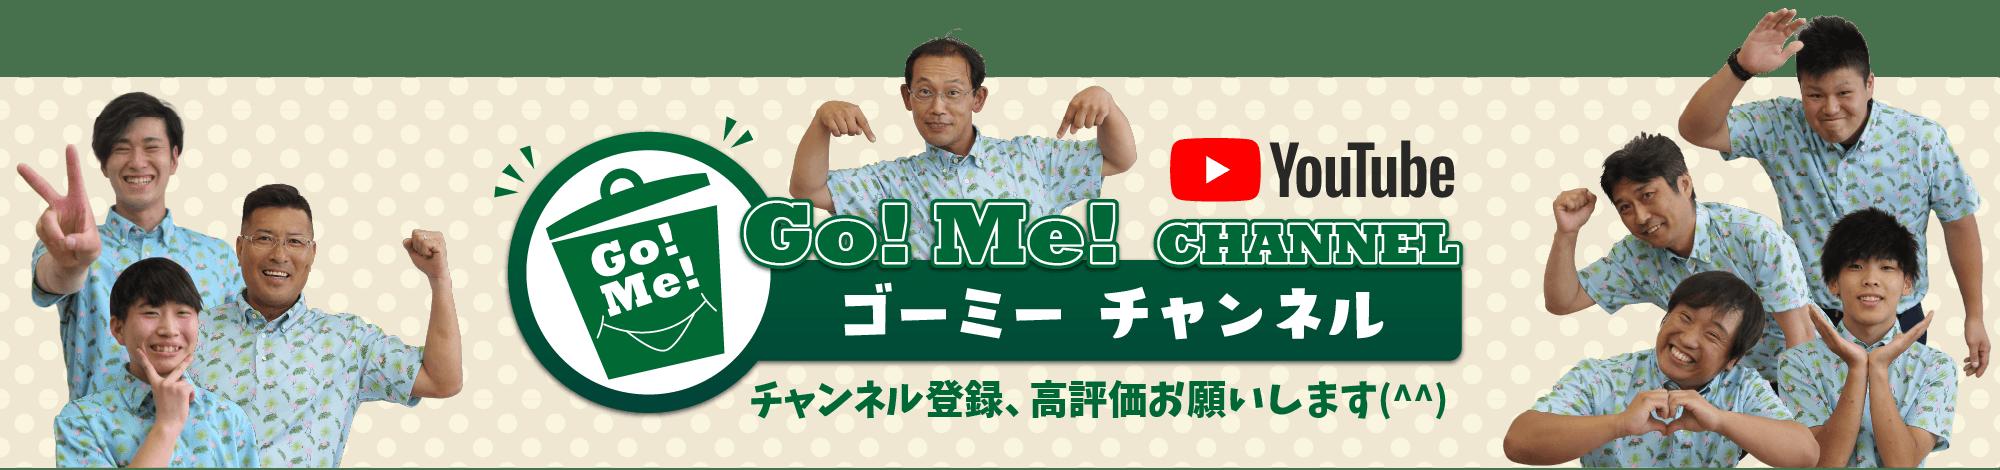 Go!Me!チャンネル|Youtube PC